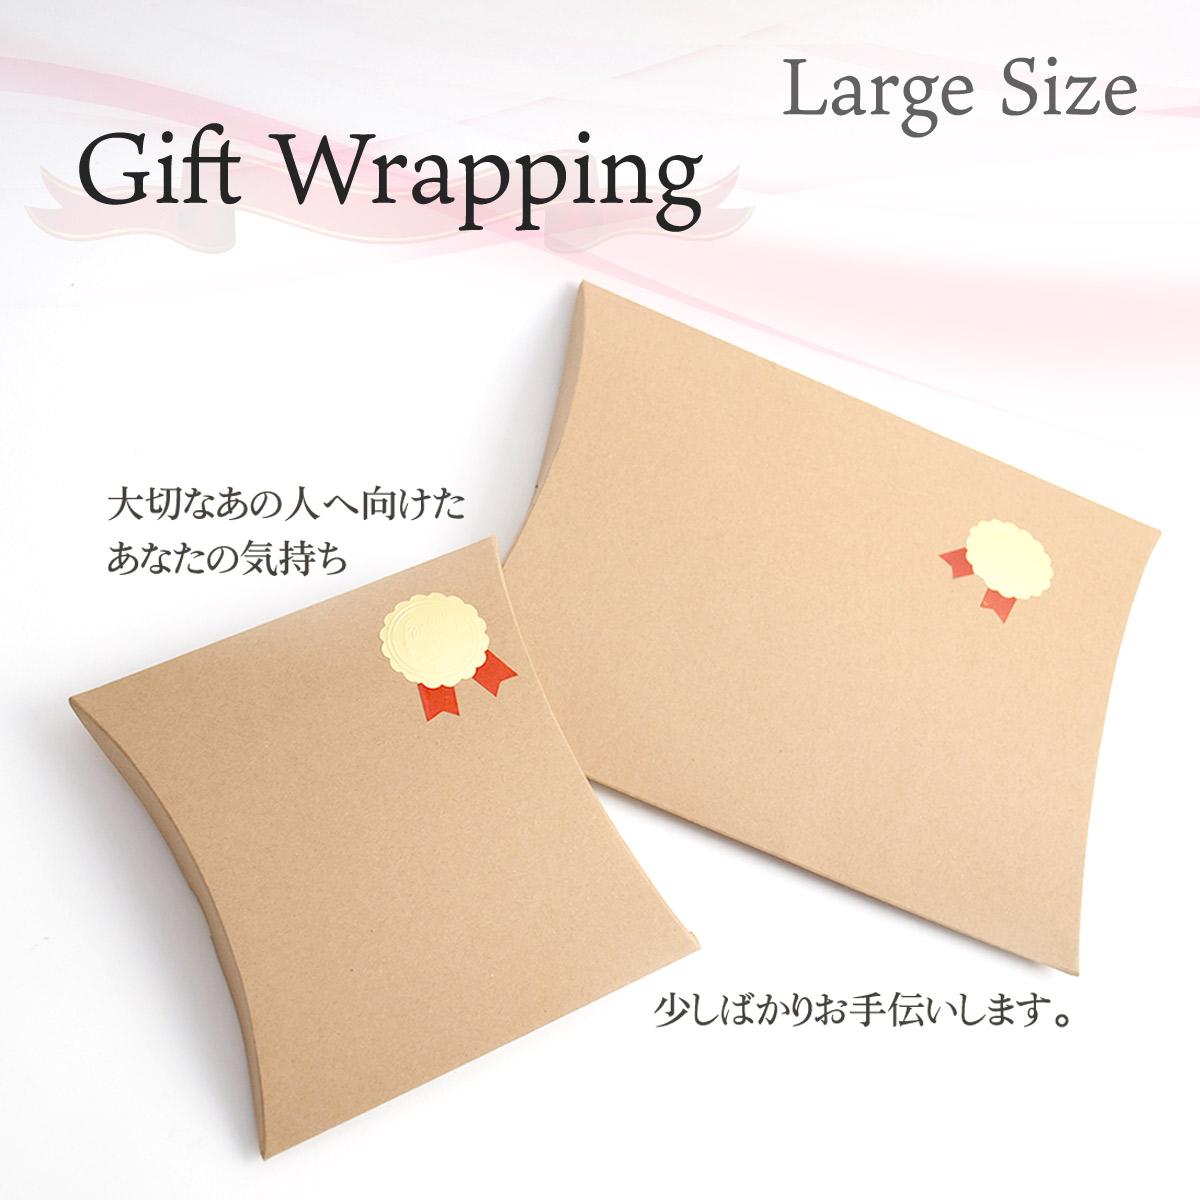 ≪セルフラッピング≫商品到着後、組み立ててご使用ください。 組み立て式 ギフトボックス Lサイズ ピロー型 ギフト プレゼント 箱 小箱 クラフトボックス アクセサリーボックス box ラッピング プレゼント 包装 シンプル 可愛い 優しい 明るい クリスマス バレンタイン ホワイトデー 誕生日